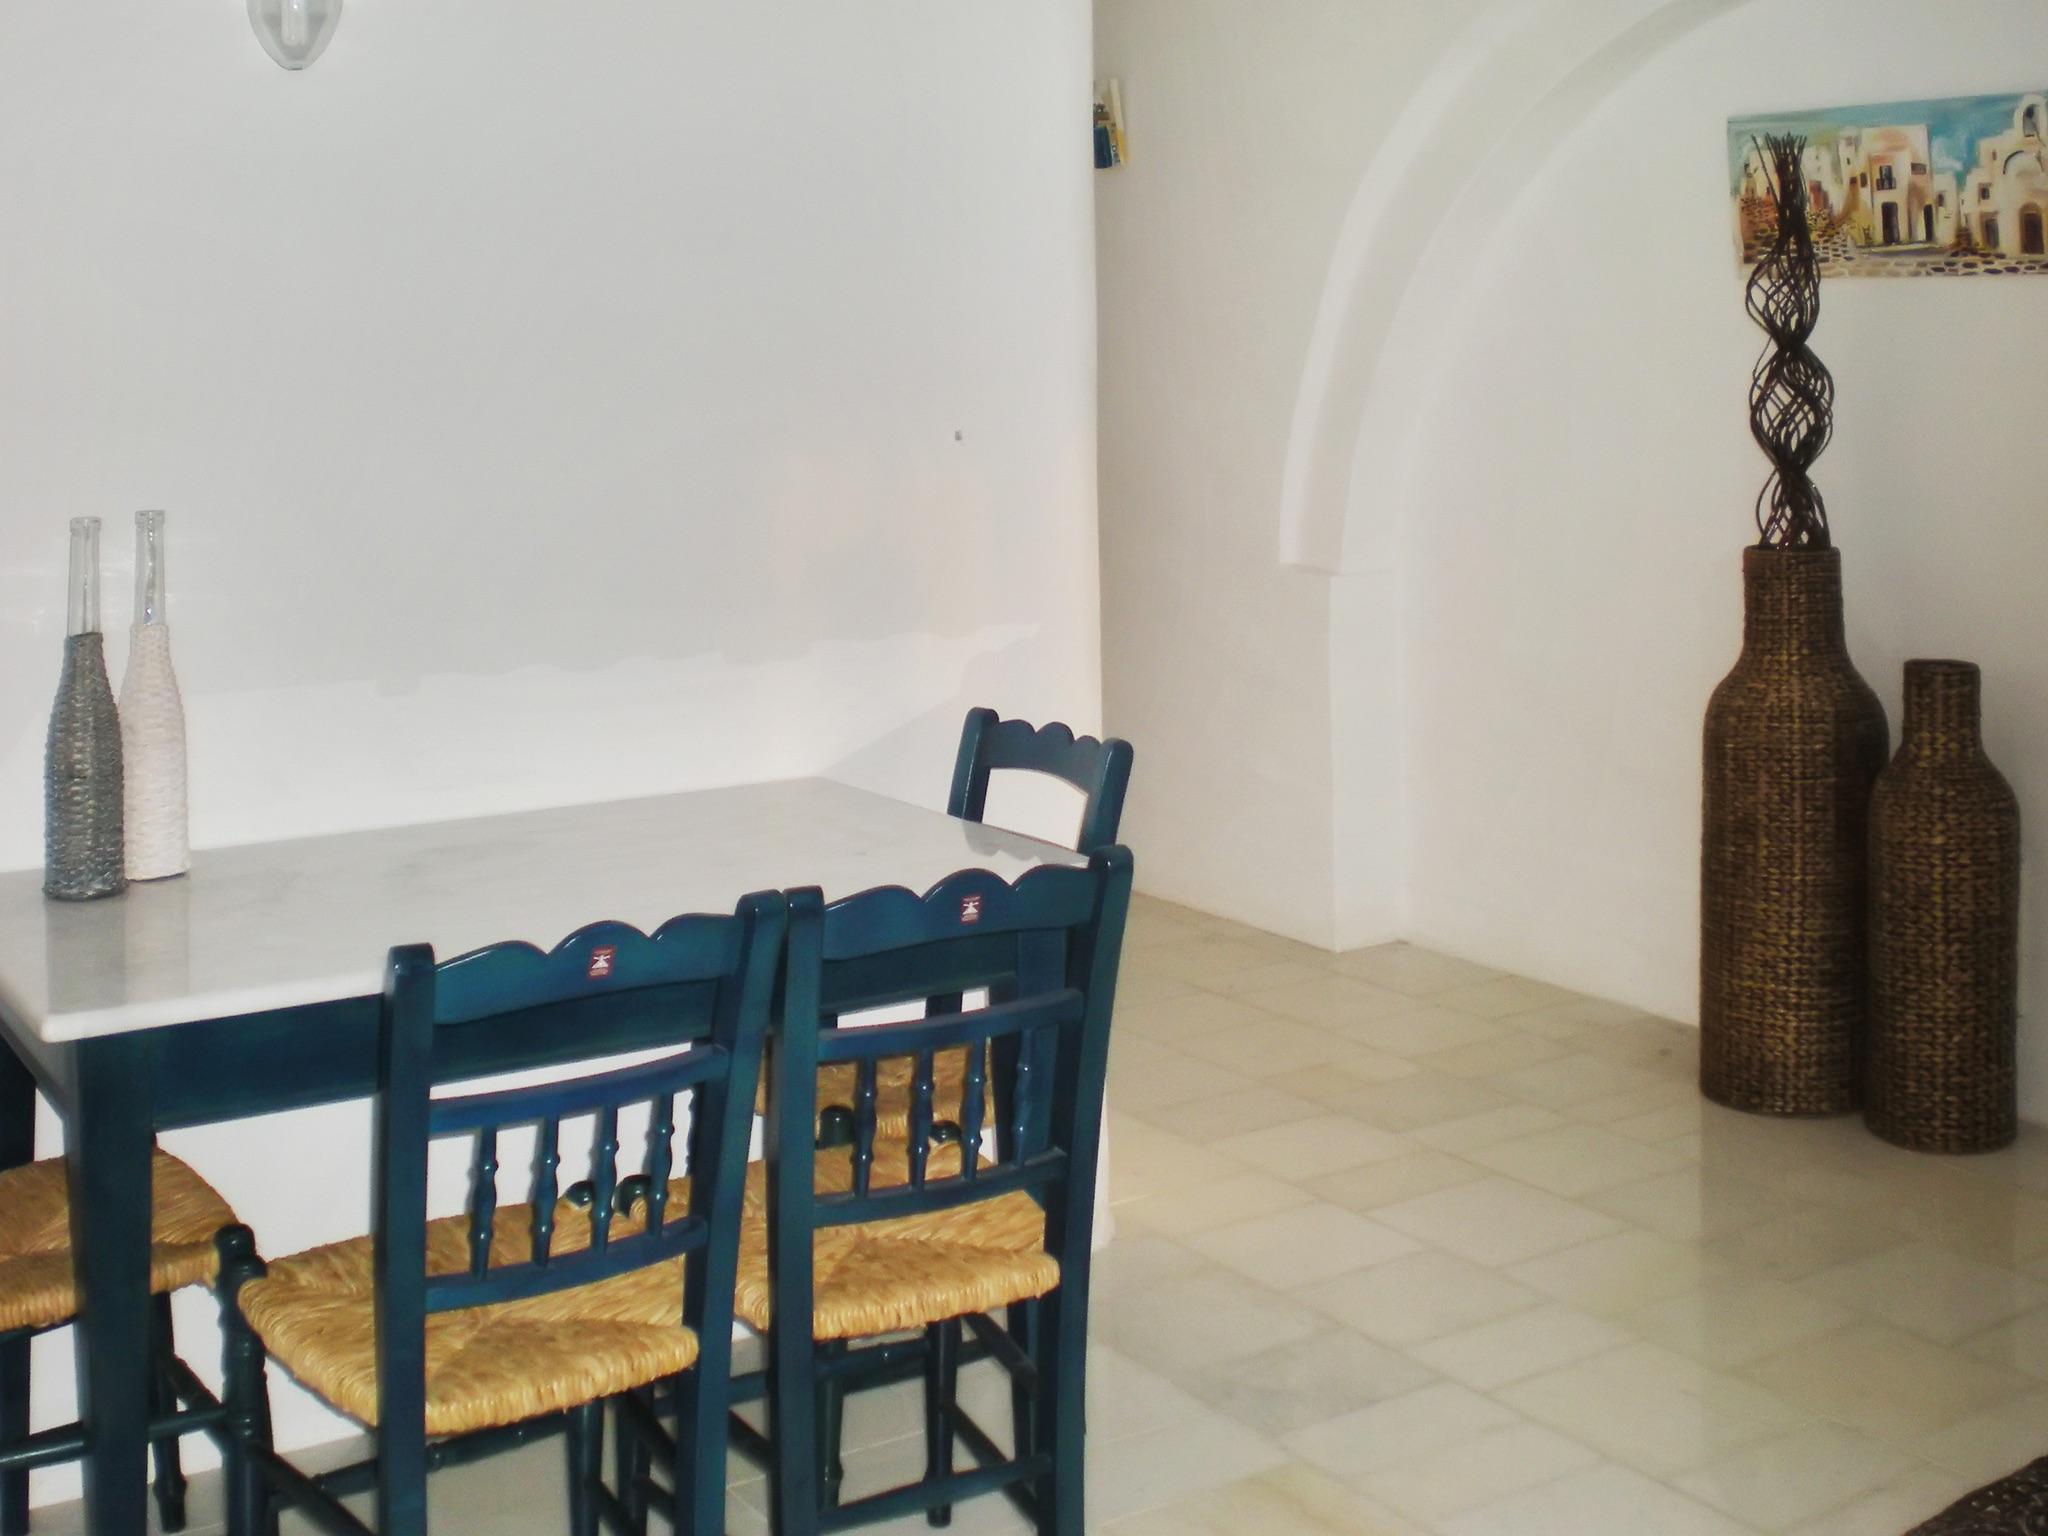 Ferienhaus Villa im Kykladen-Stil auf Paros (Griechenland), mit 2 Schlafzimmern, Gemeinschaftspool &  (2201782), Paros, Paros, Kykladen, Griechenland, Bild 8